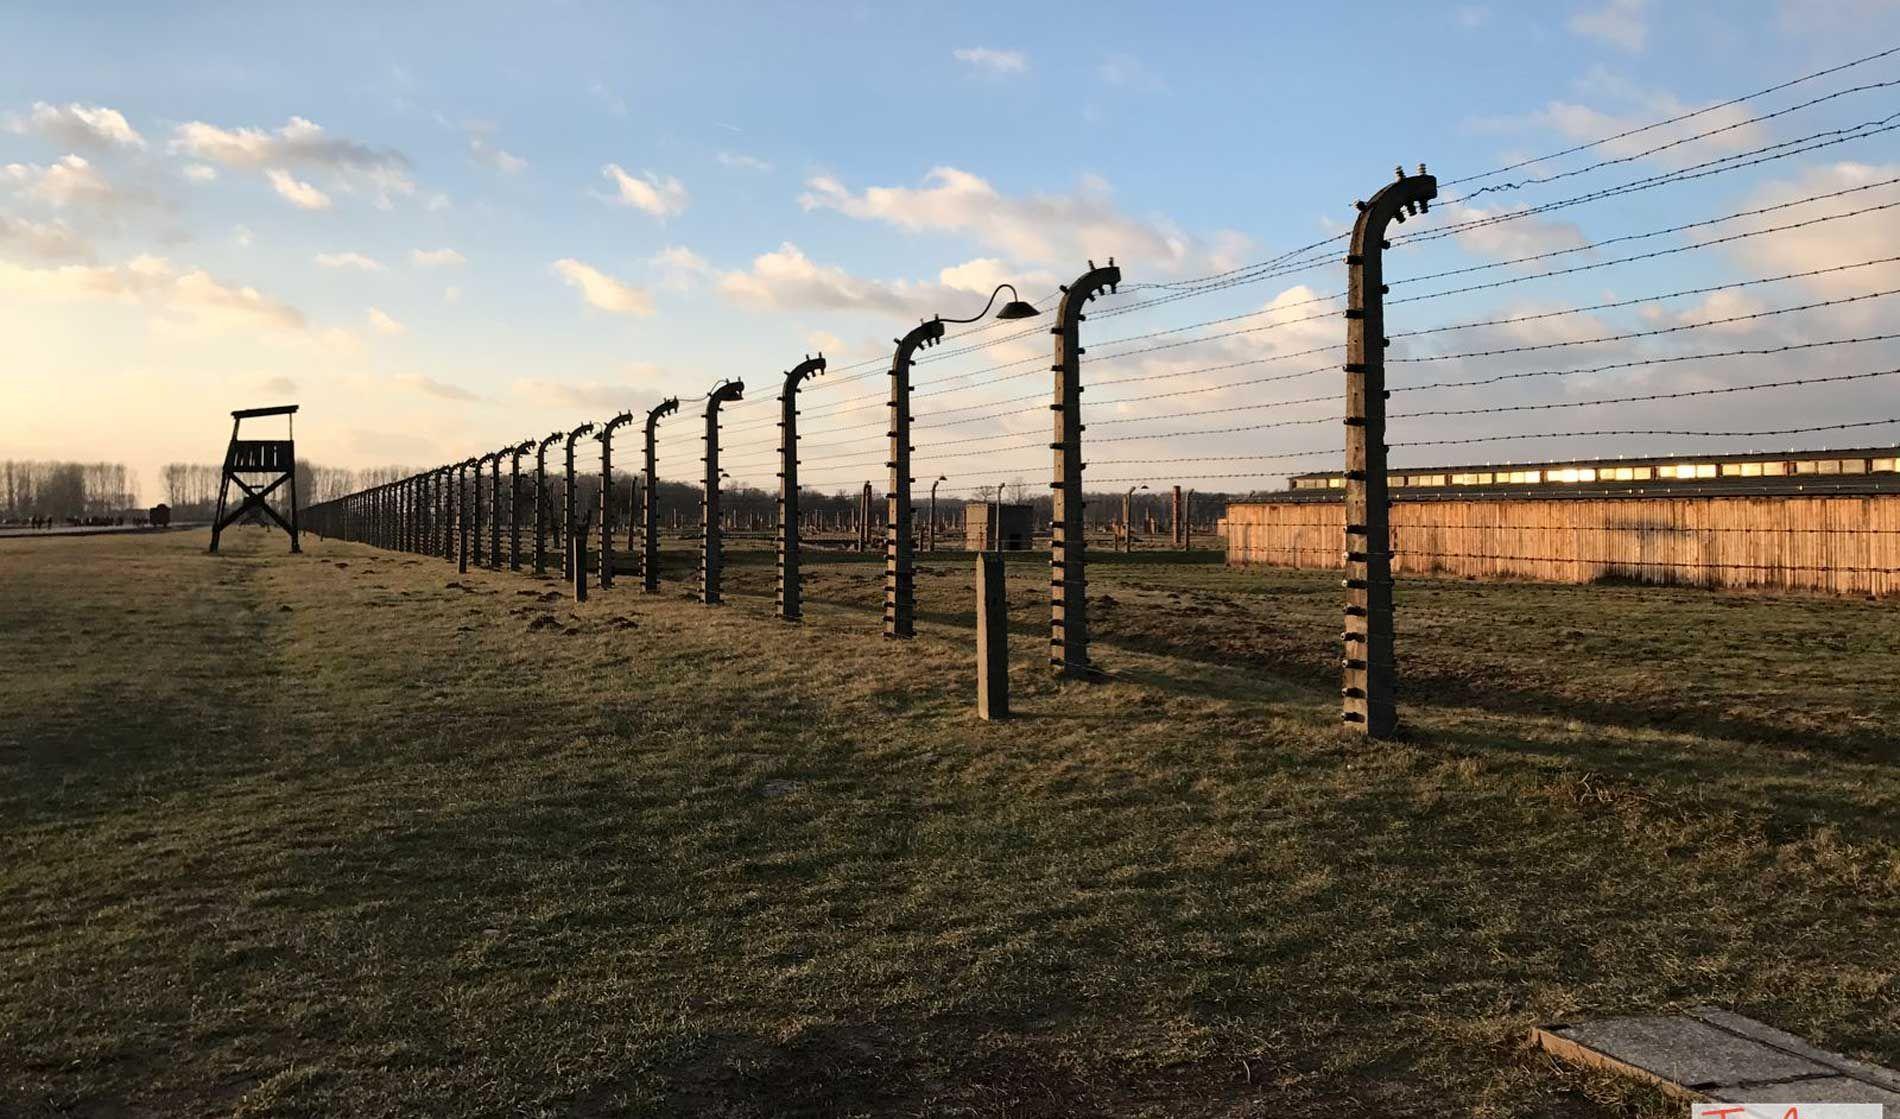 La recinzione di filo spinato a Birkenau